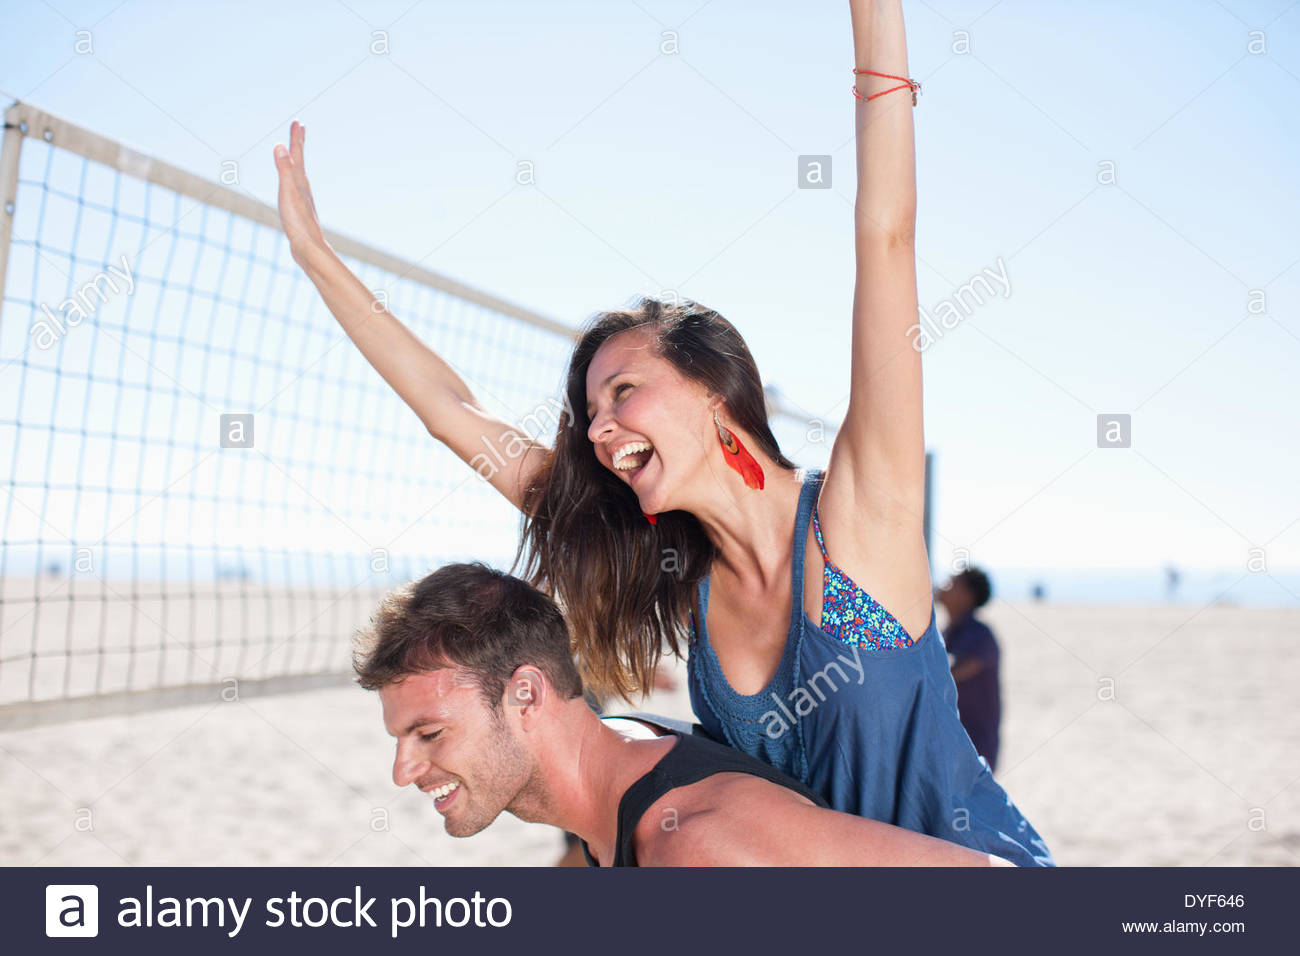 Uomo che porta la fidanzata piggyback sulla spiaggia Immagini Stock